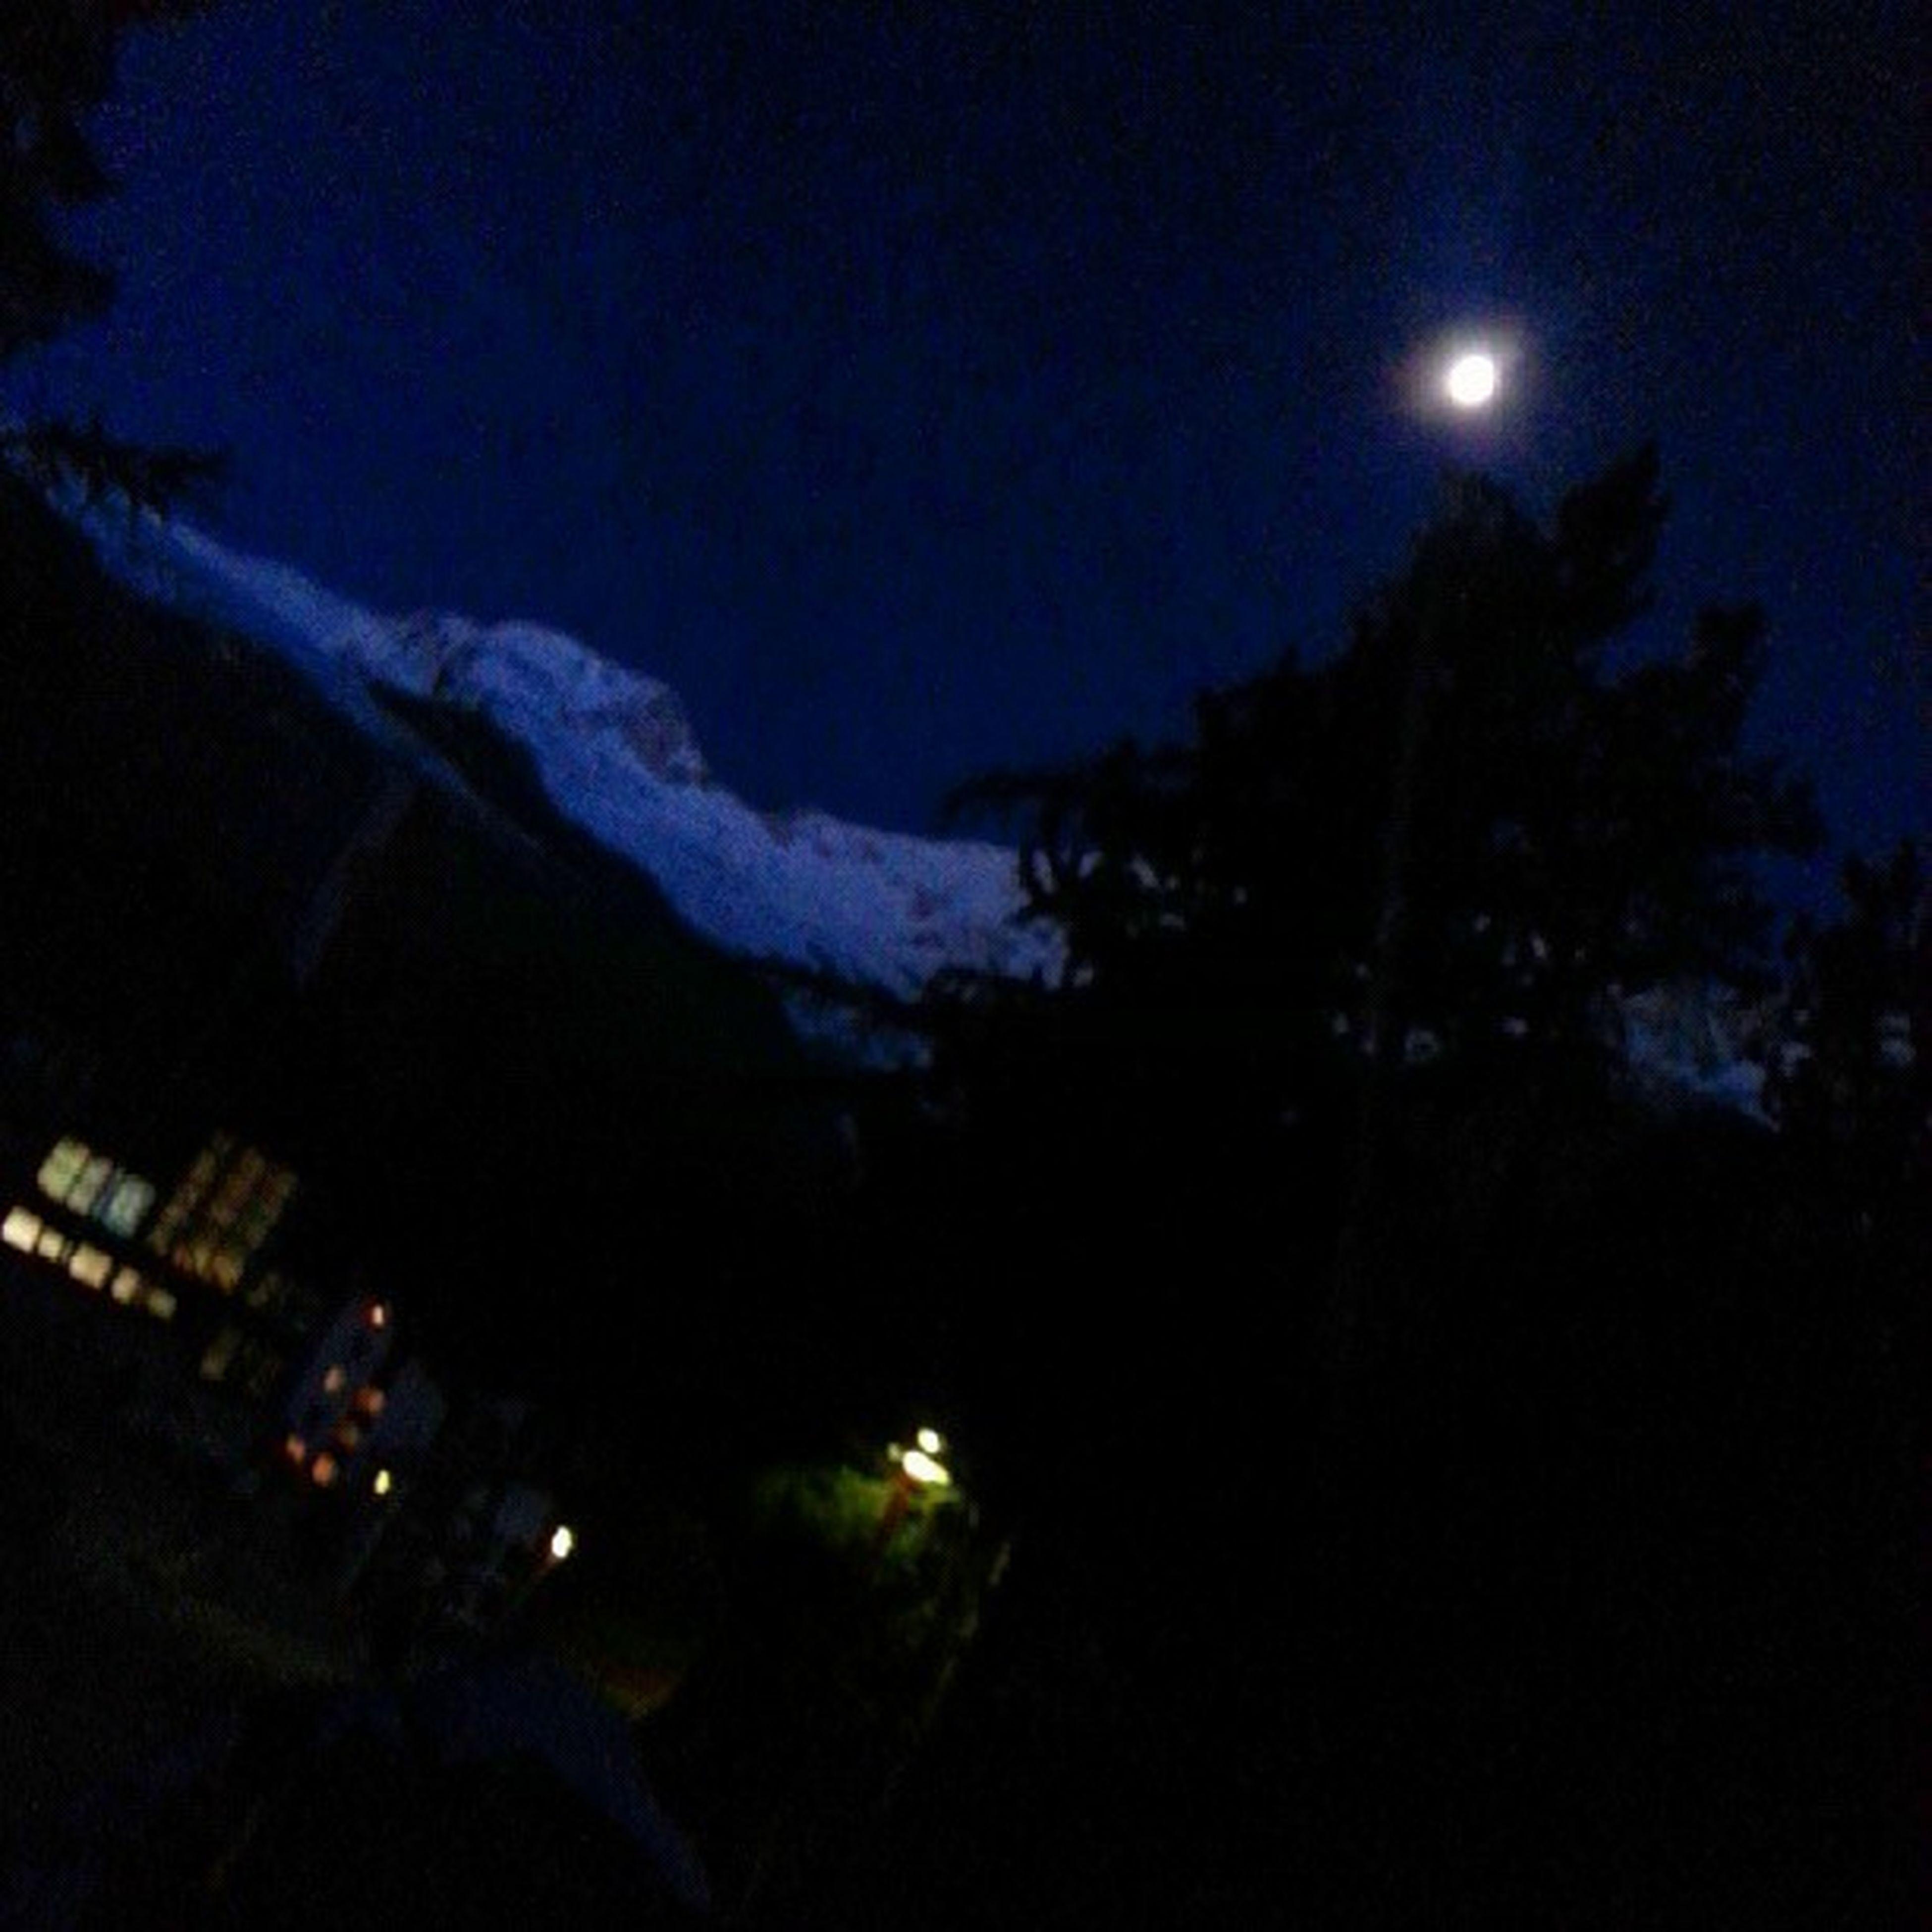 Månen kommer snart bytas mot solen. Premorningglory Saasfee